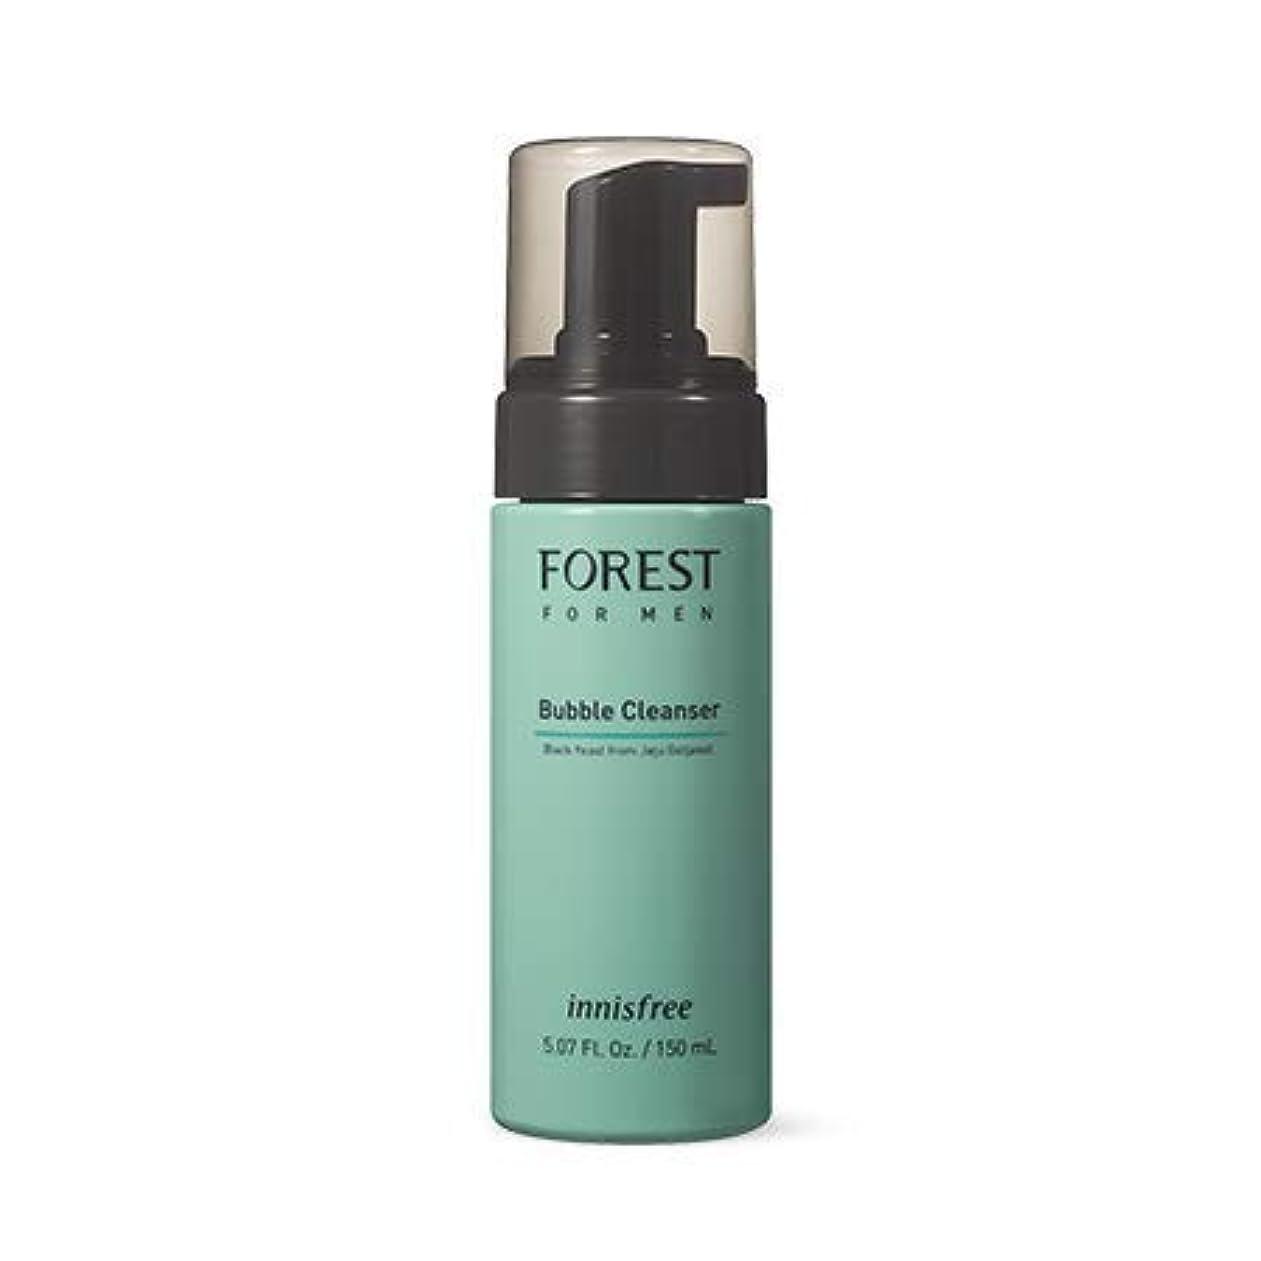 投資パッケージマーキー[イニスフリー.innisfree]フォレストフォアマンバブルクレンザー150mL Forest for Men Bubble Cleanser